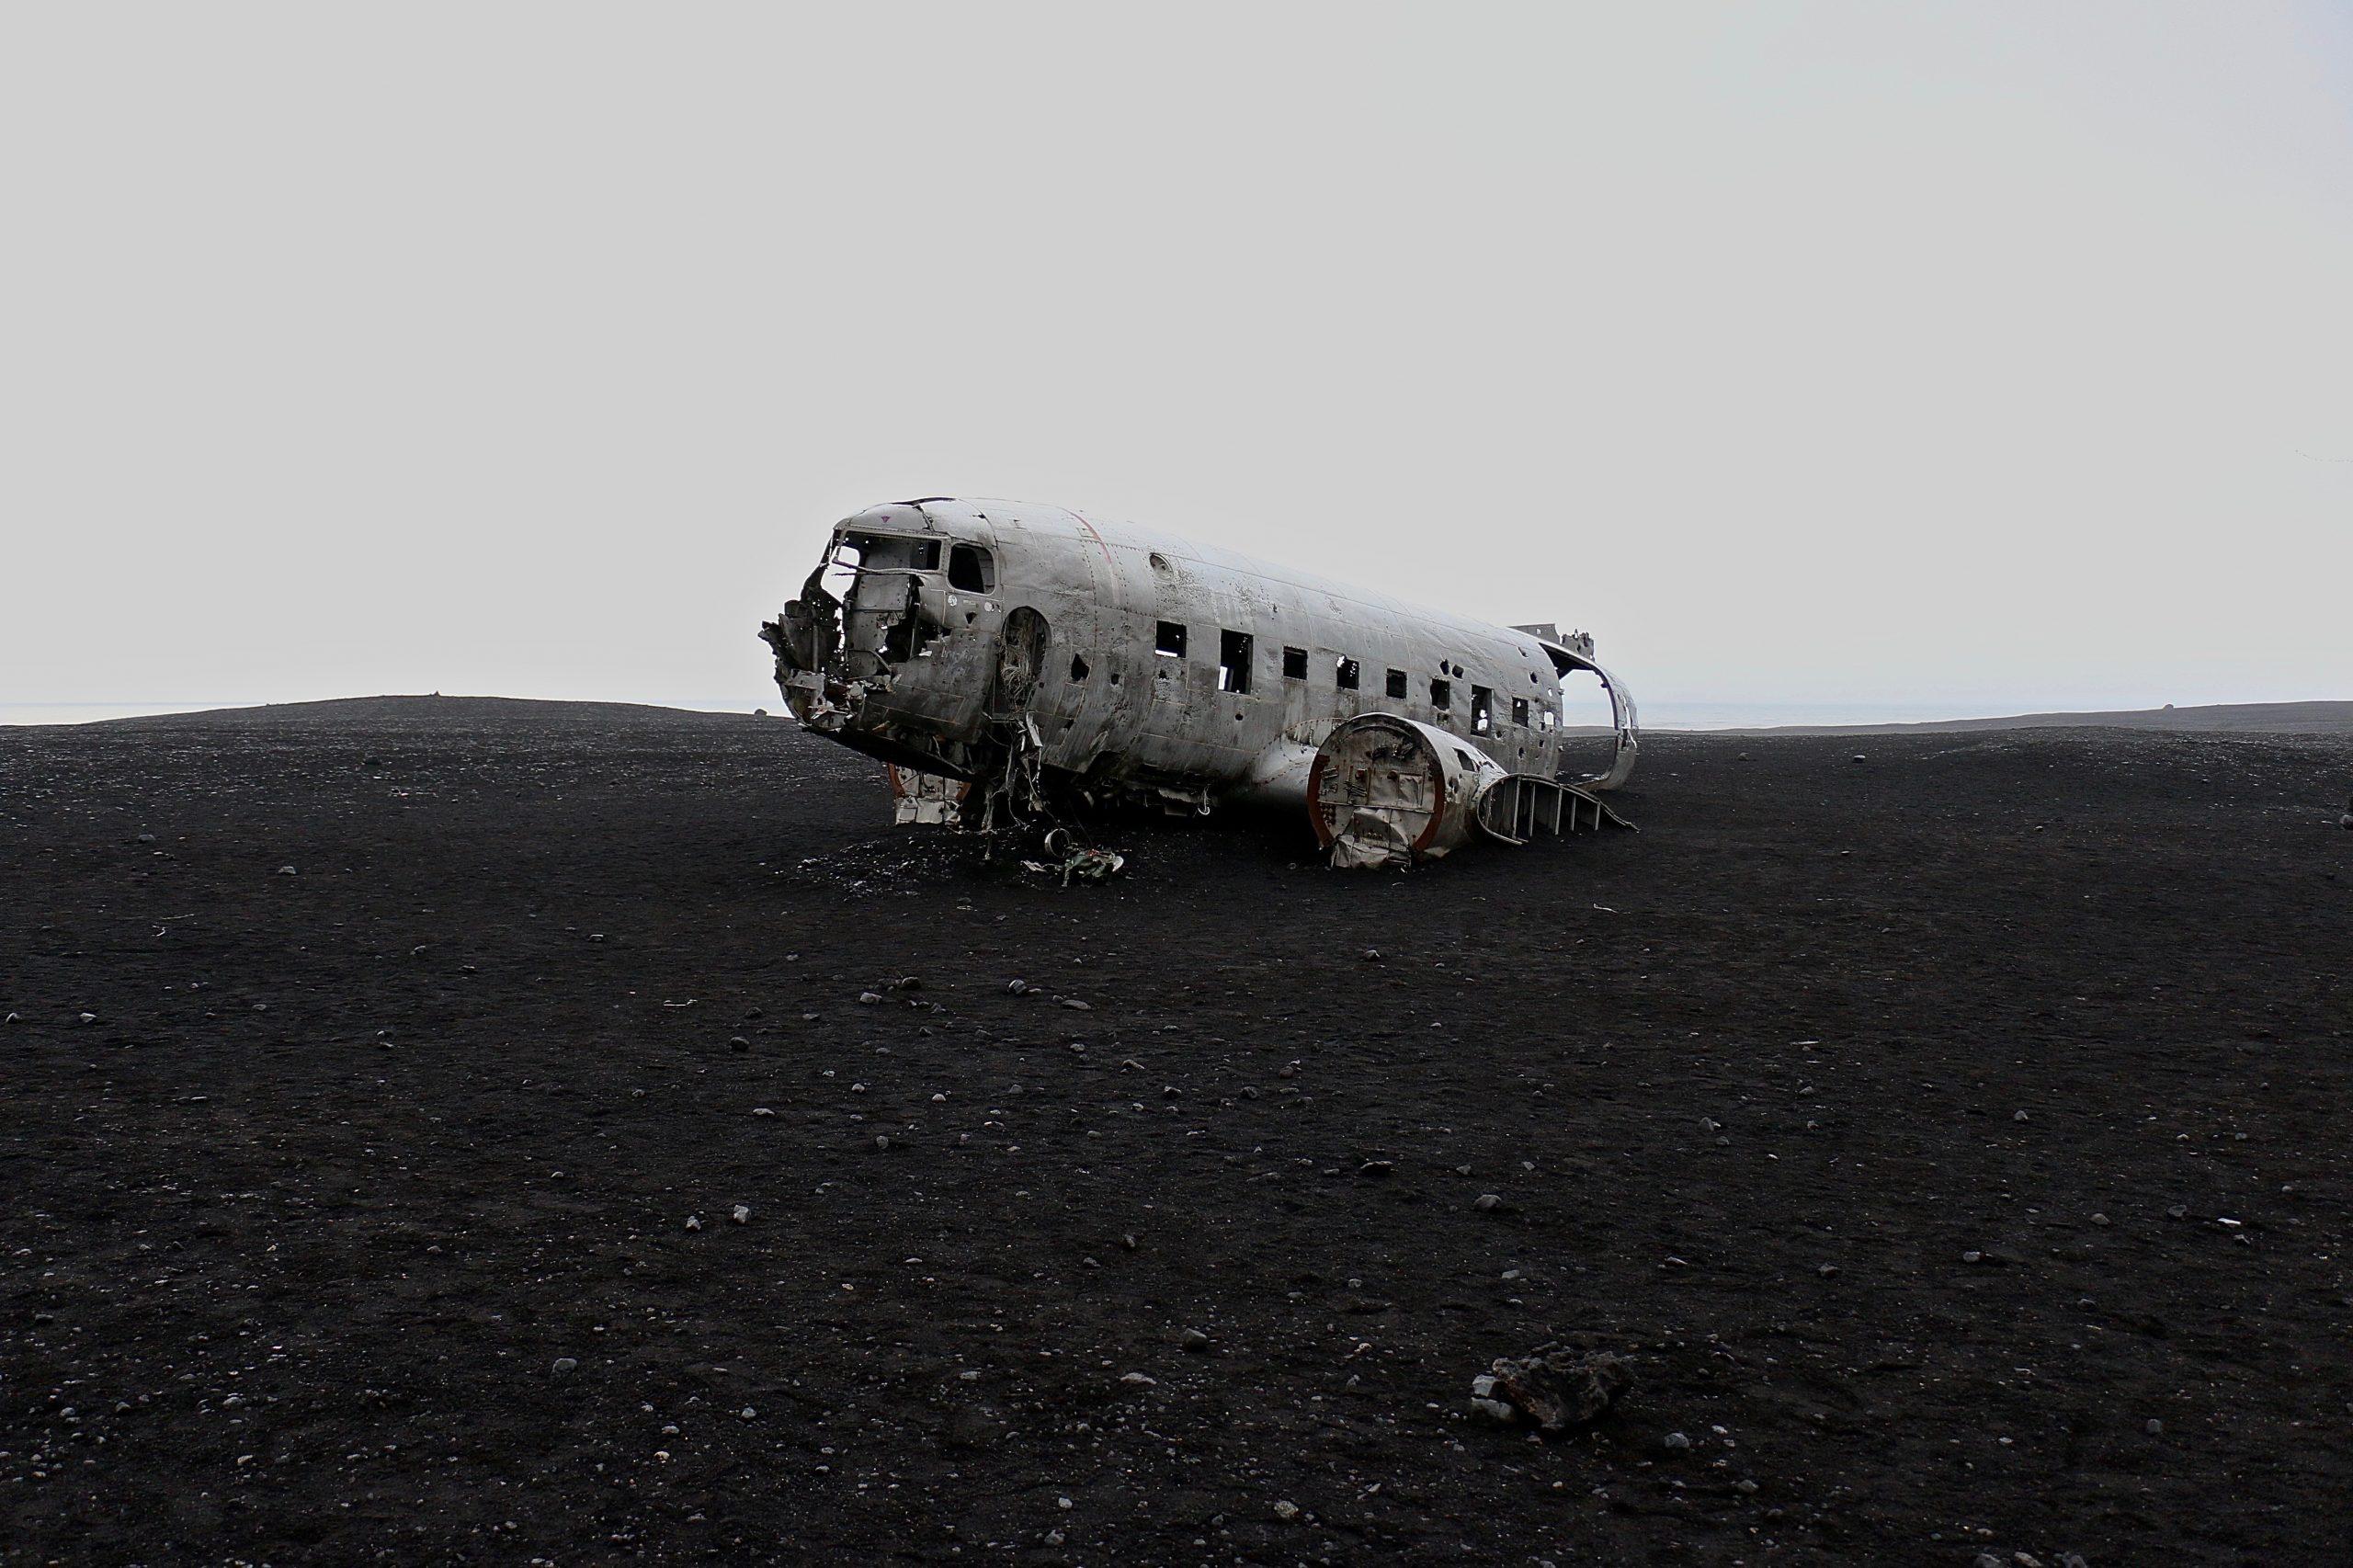 Mysteriöser Anruf: Wusste diese Frau vor dem Start vom Flugzeugabsturz?